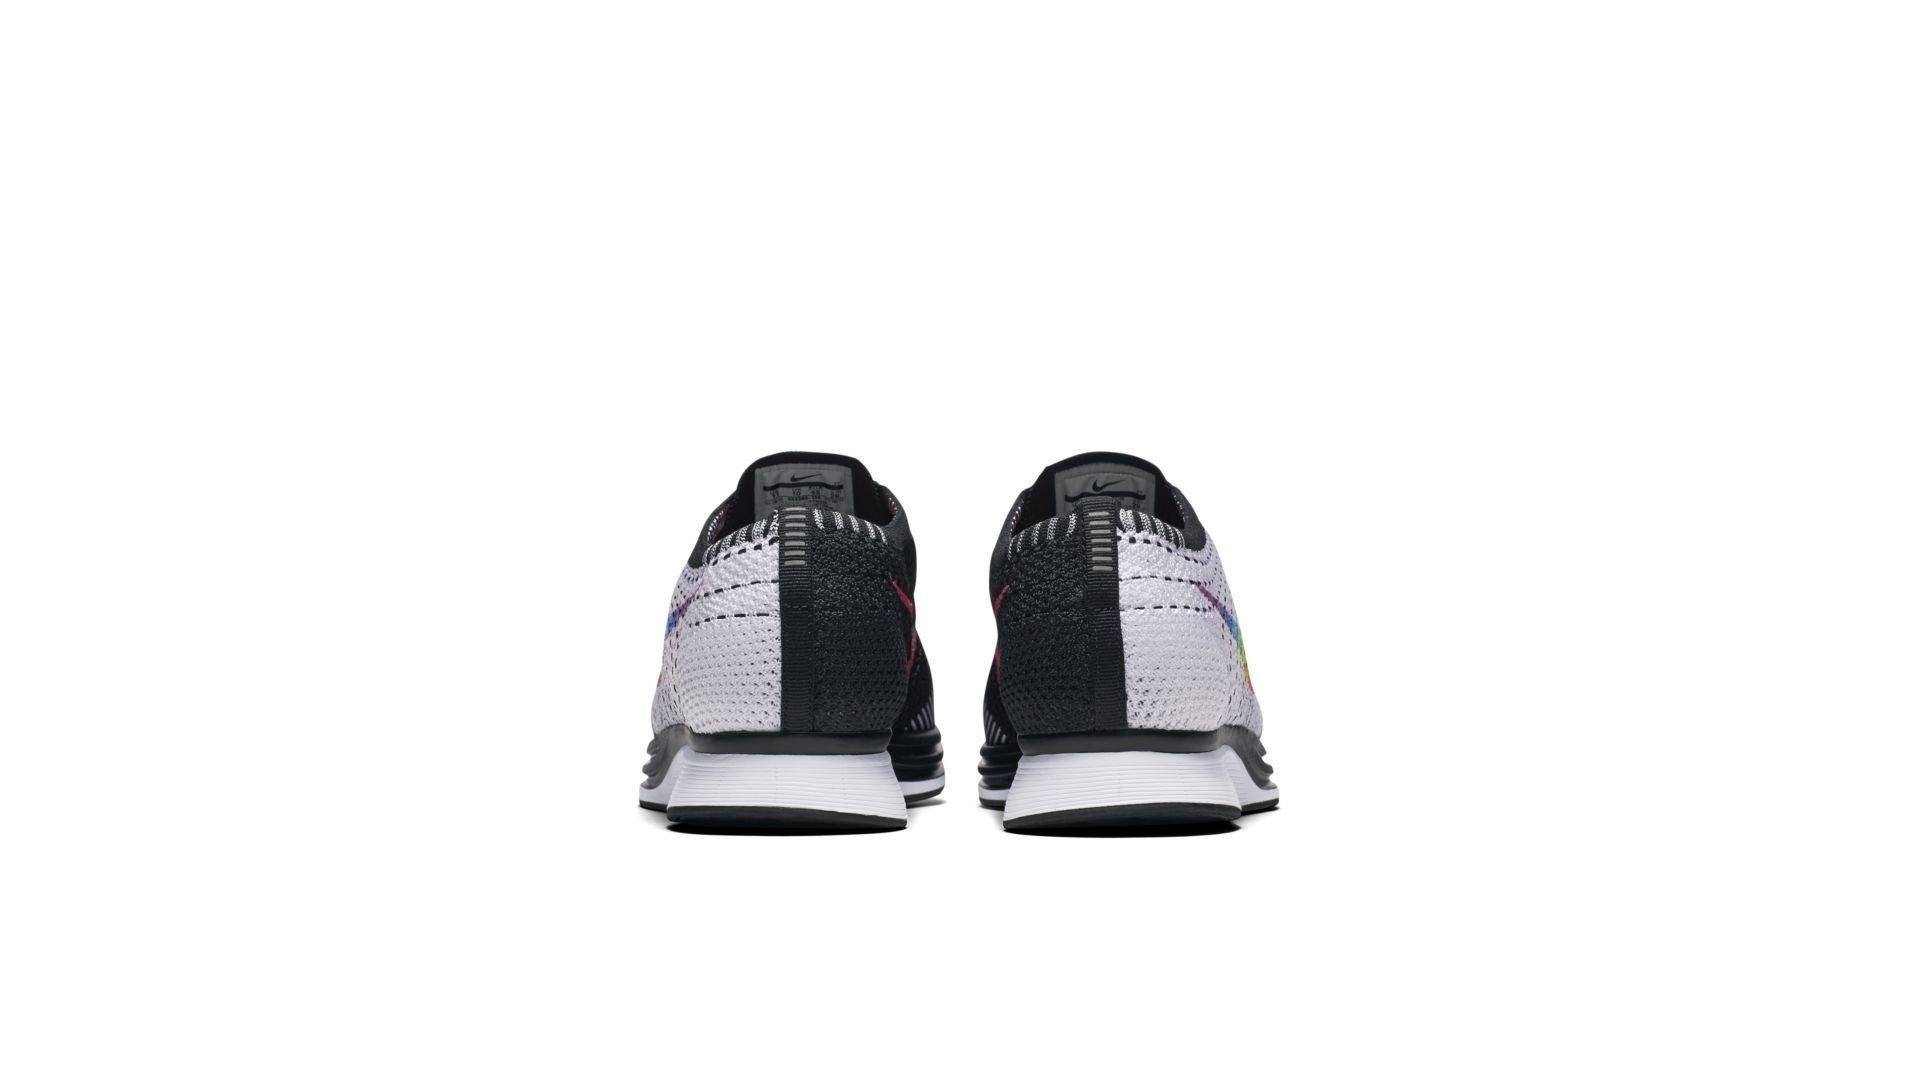 Nike Flyknit Racer Be True (2017) (902366-100)